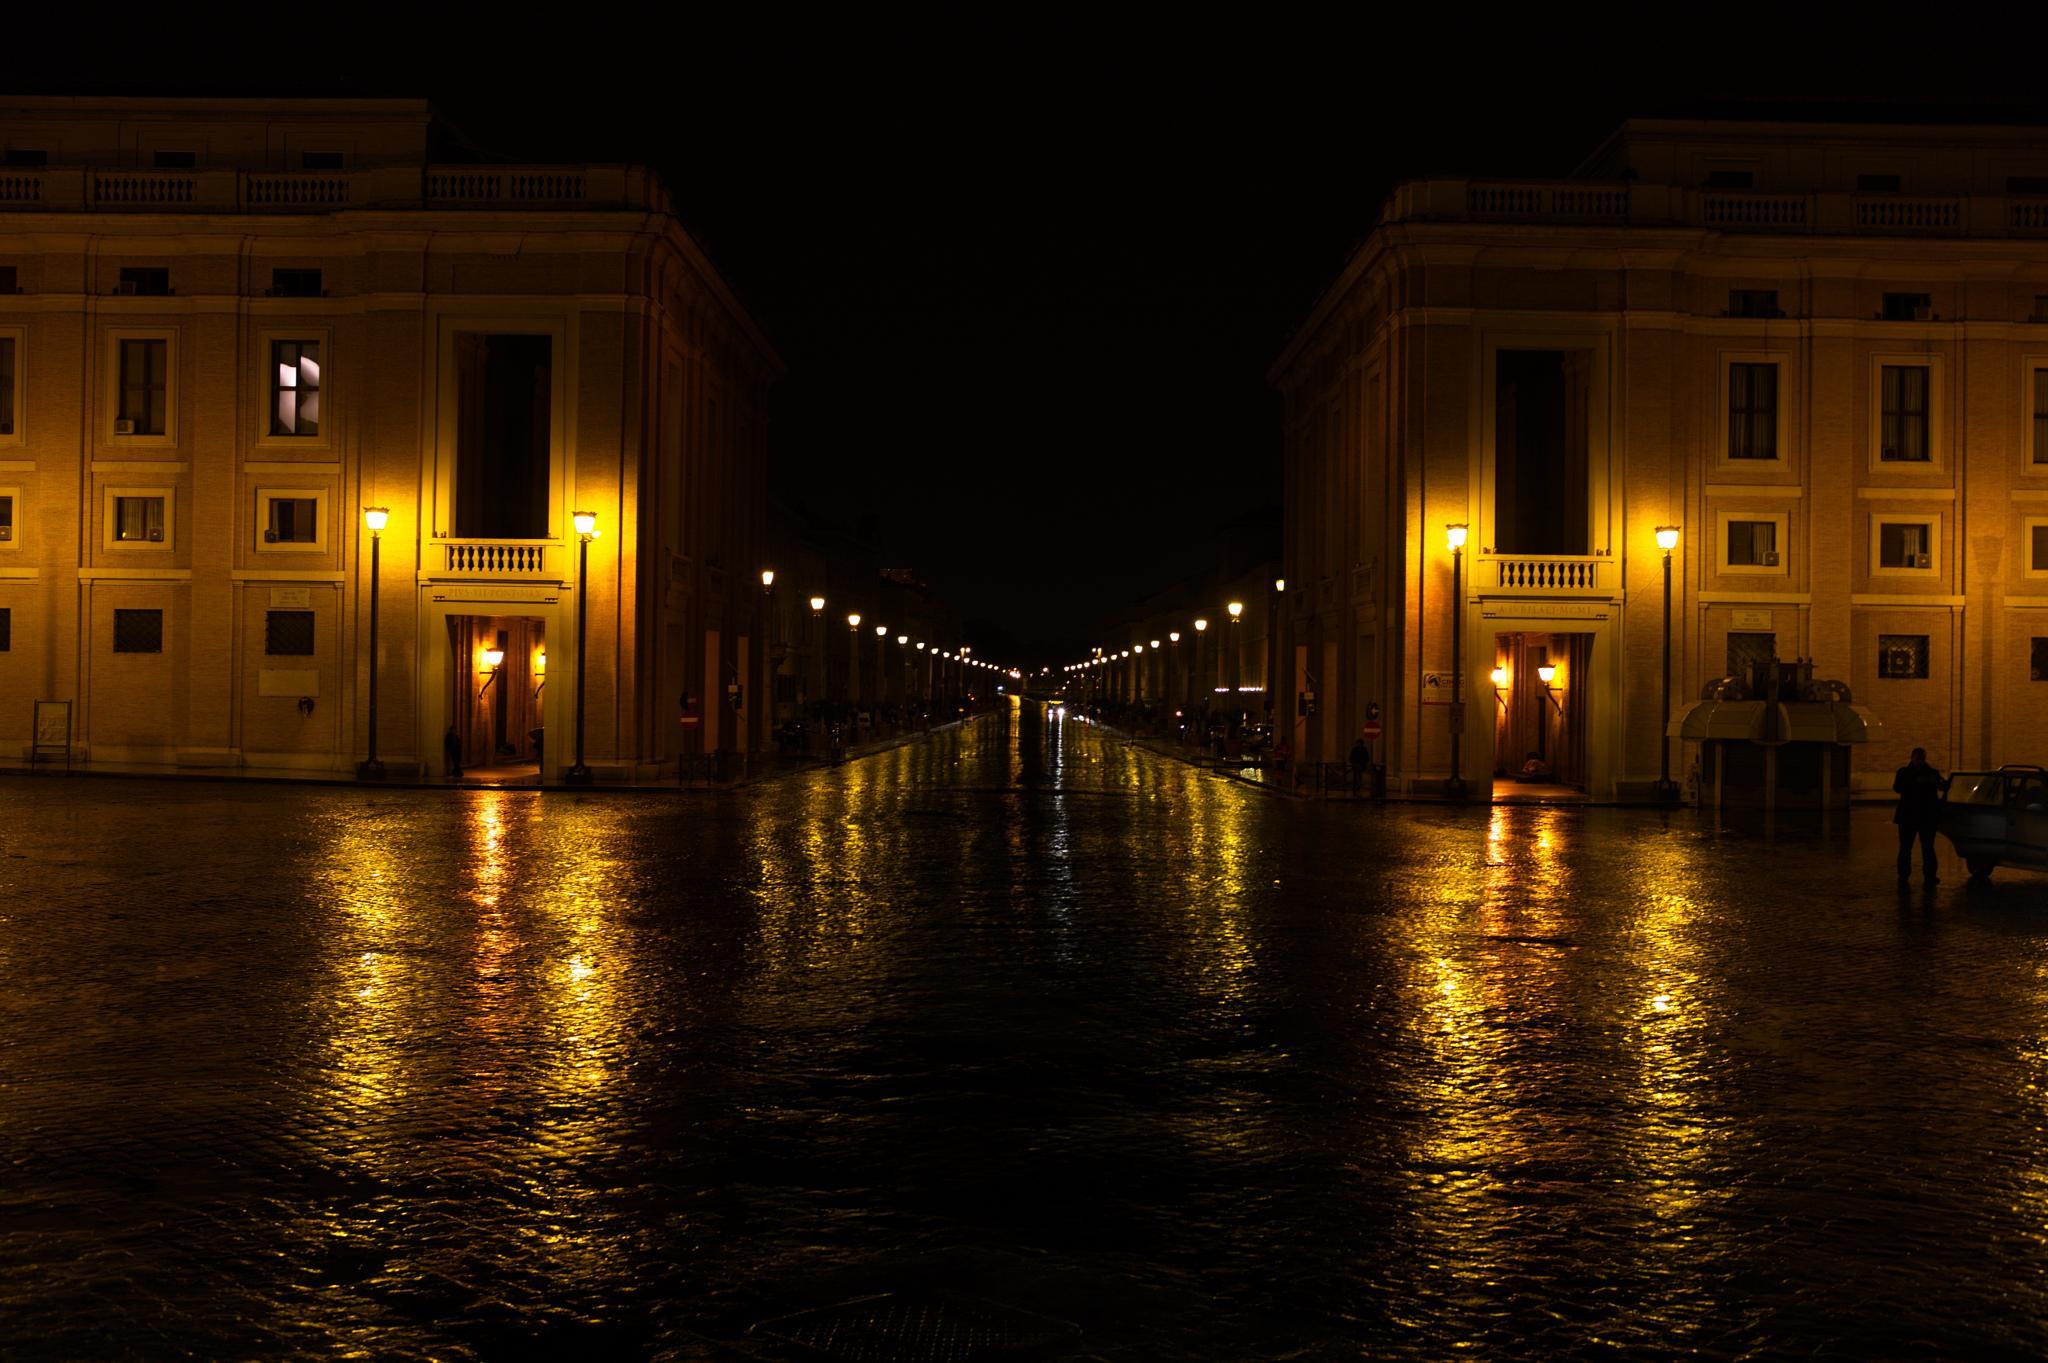 Via dell Conciliazione by jgerardts